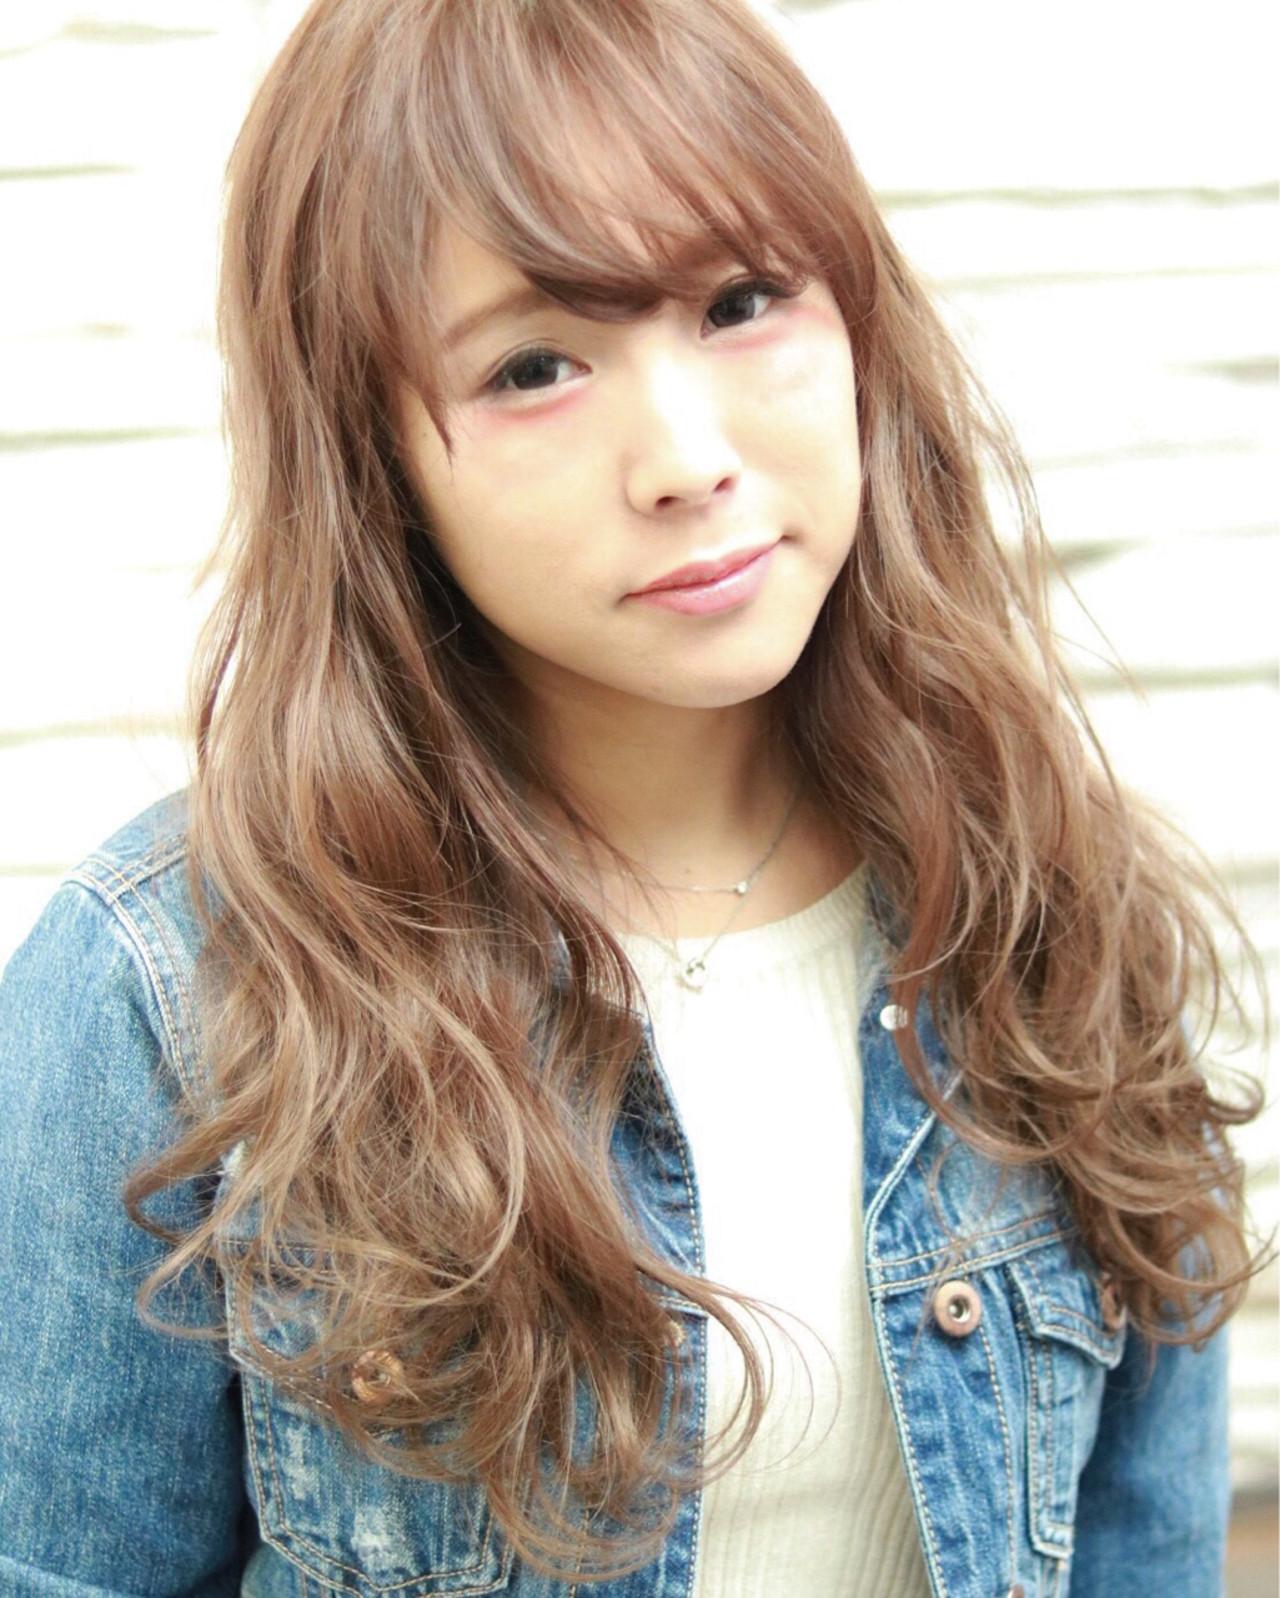 ヘアアレンジ 大人かわいい ゆるふわ ロング ヘアスタイルや髪型の写真・画像 | nakano ryuichi / shigeru cut club 神田久志本店